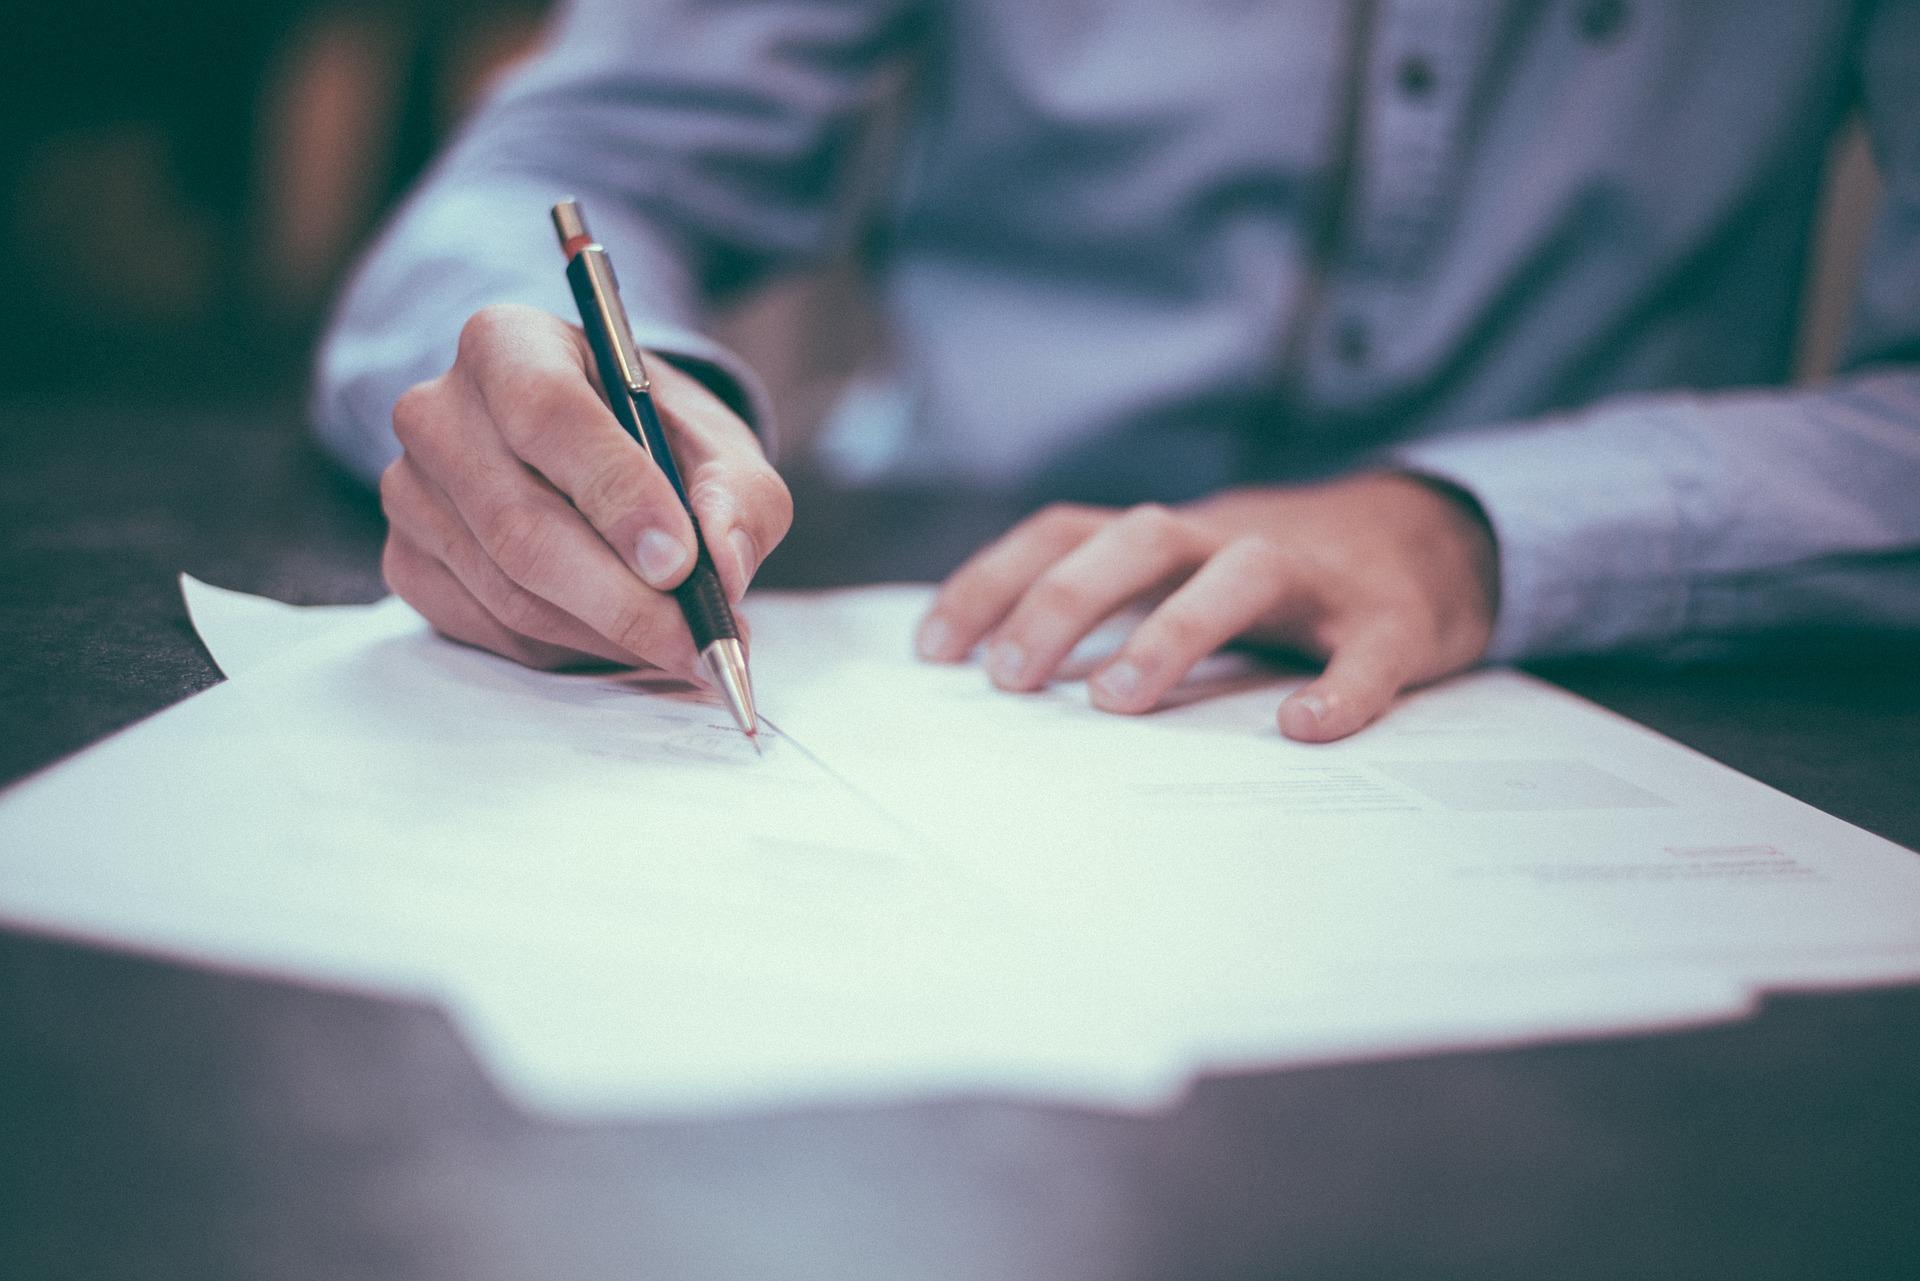 Нові питання щодо оприлюднення документів замовника з електронними печатками та підписами